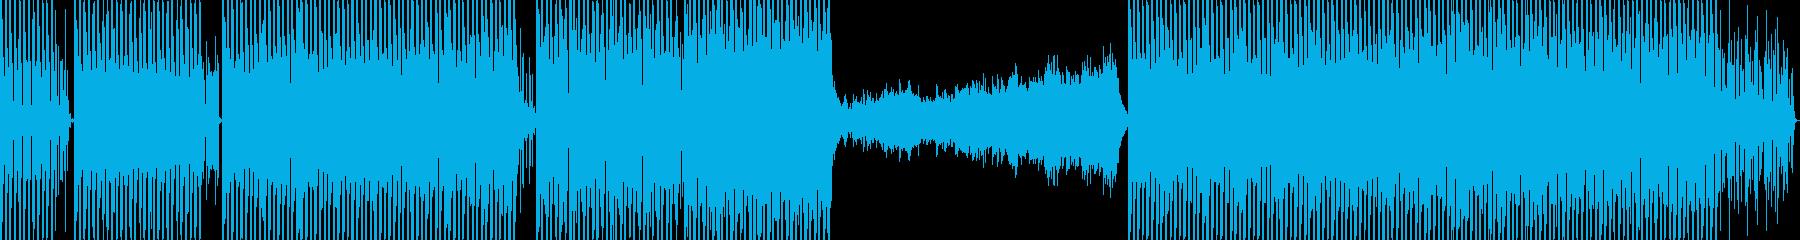 未来的な低音電子トラックの再生済みの波形